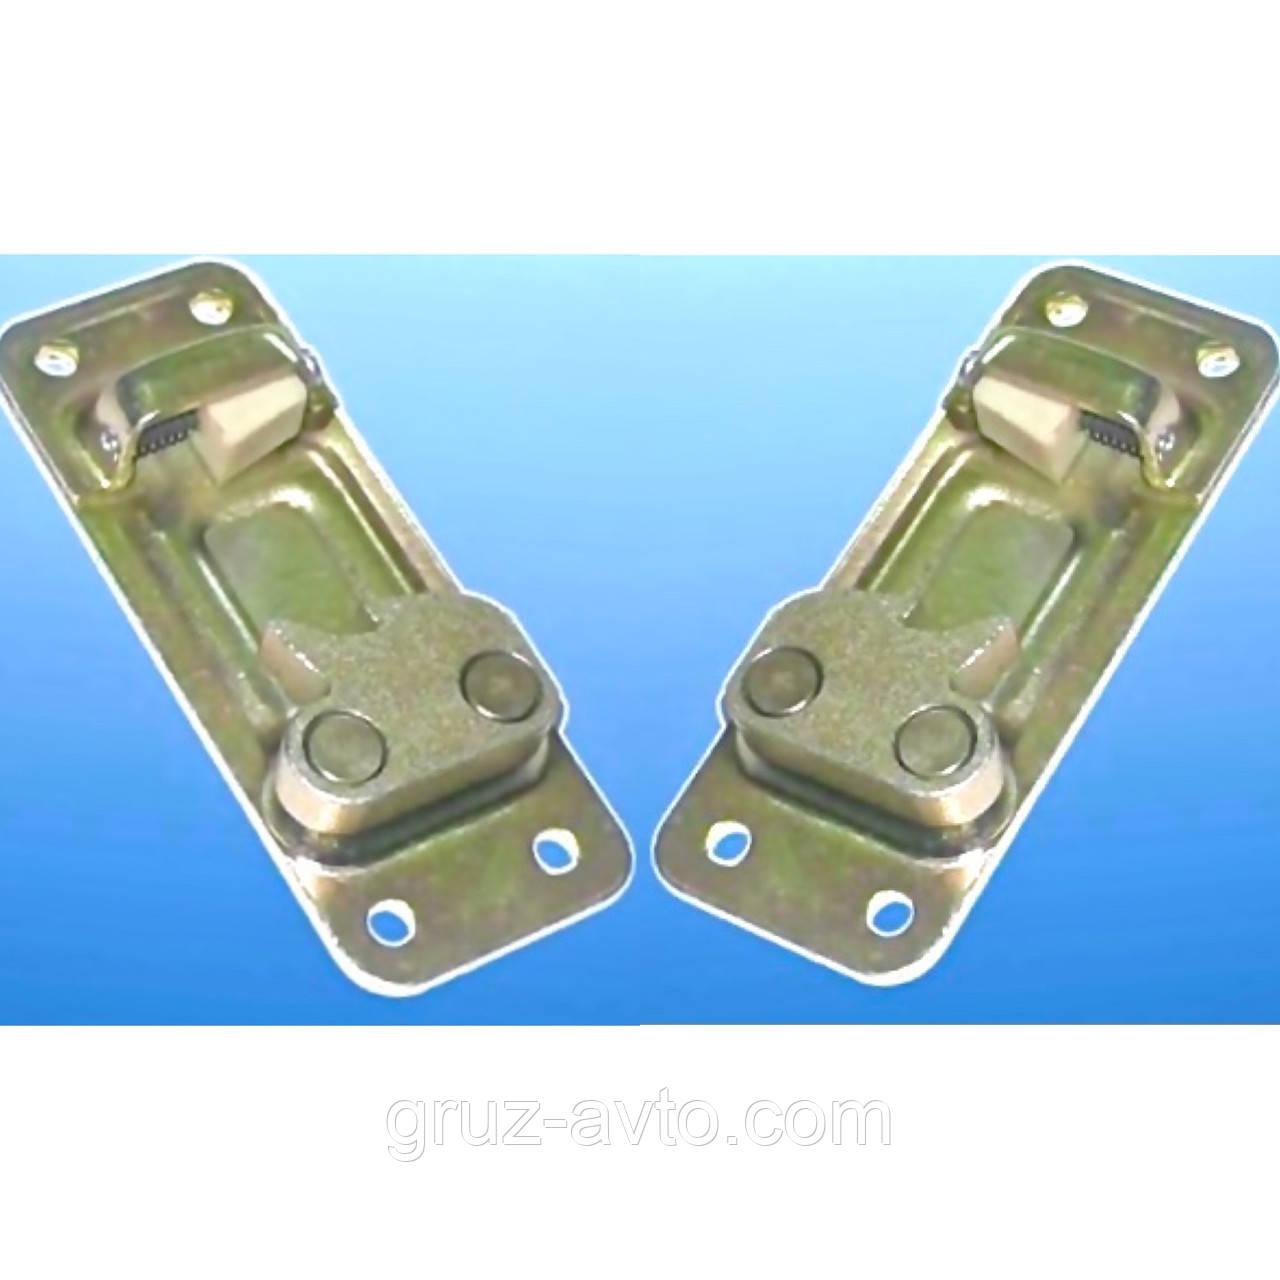 Комплект 2 шт. замків дверей ЗІЛ правий 130-6105012 + лівий 130-6105013